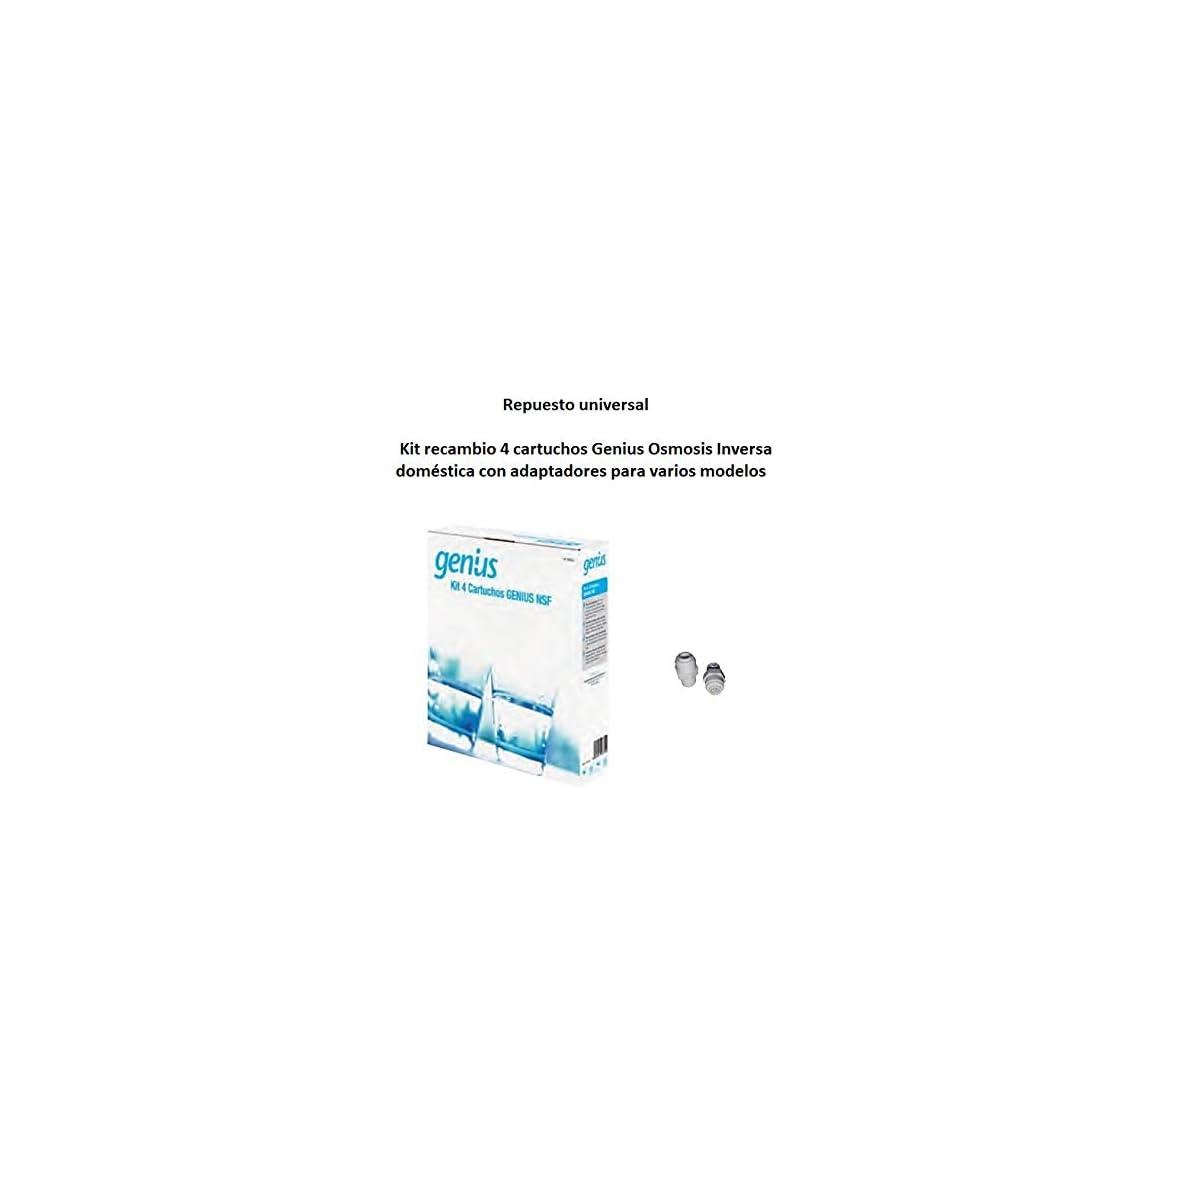 41FVsrtQdnL. SS1200  - Repuesto universal Kit recambio 4 cartuchos Genius Osmosis Inversa doméstica con adaptadores para varios modelos